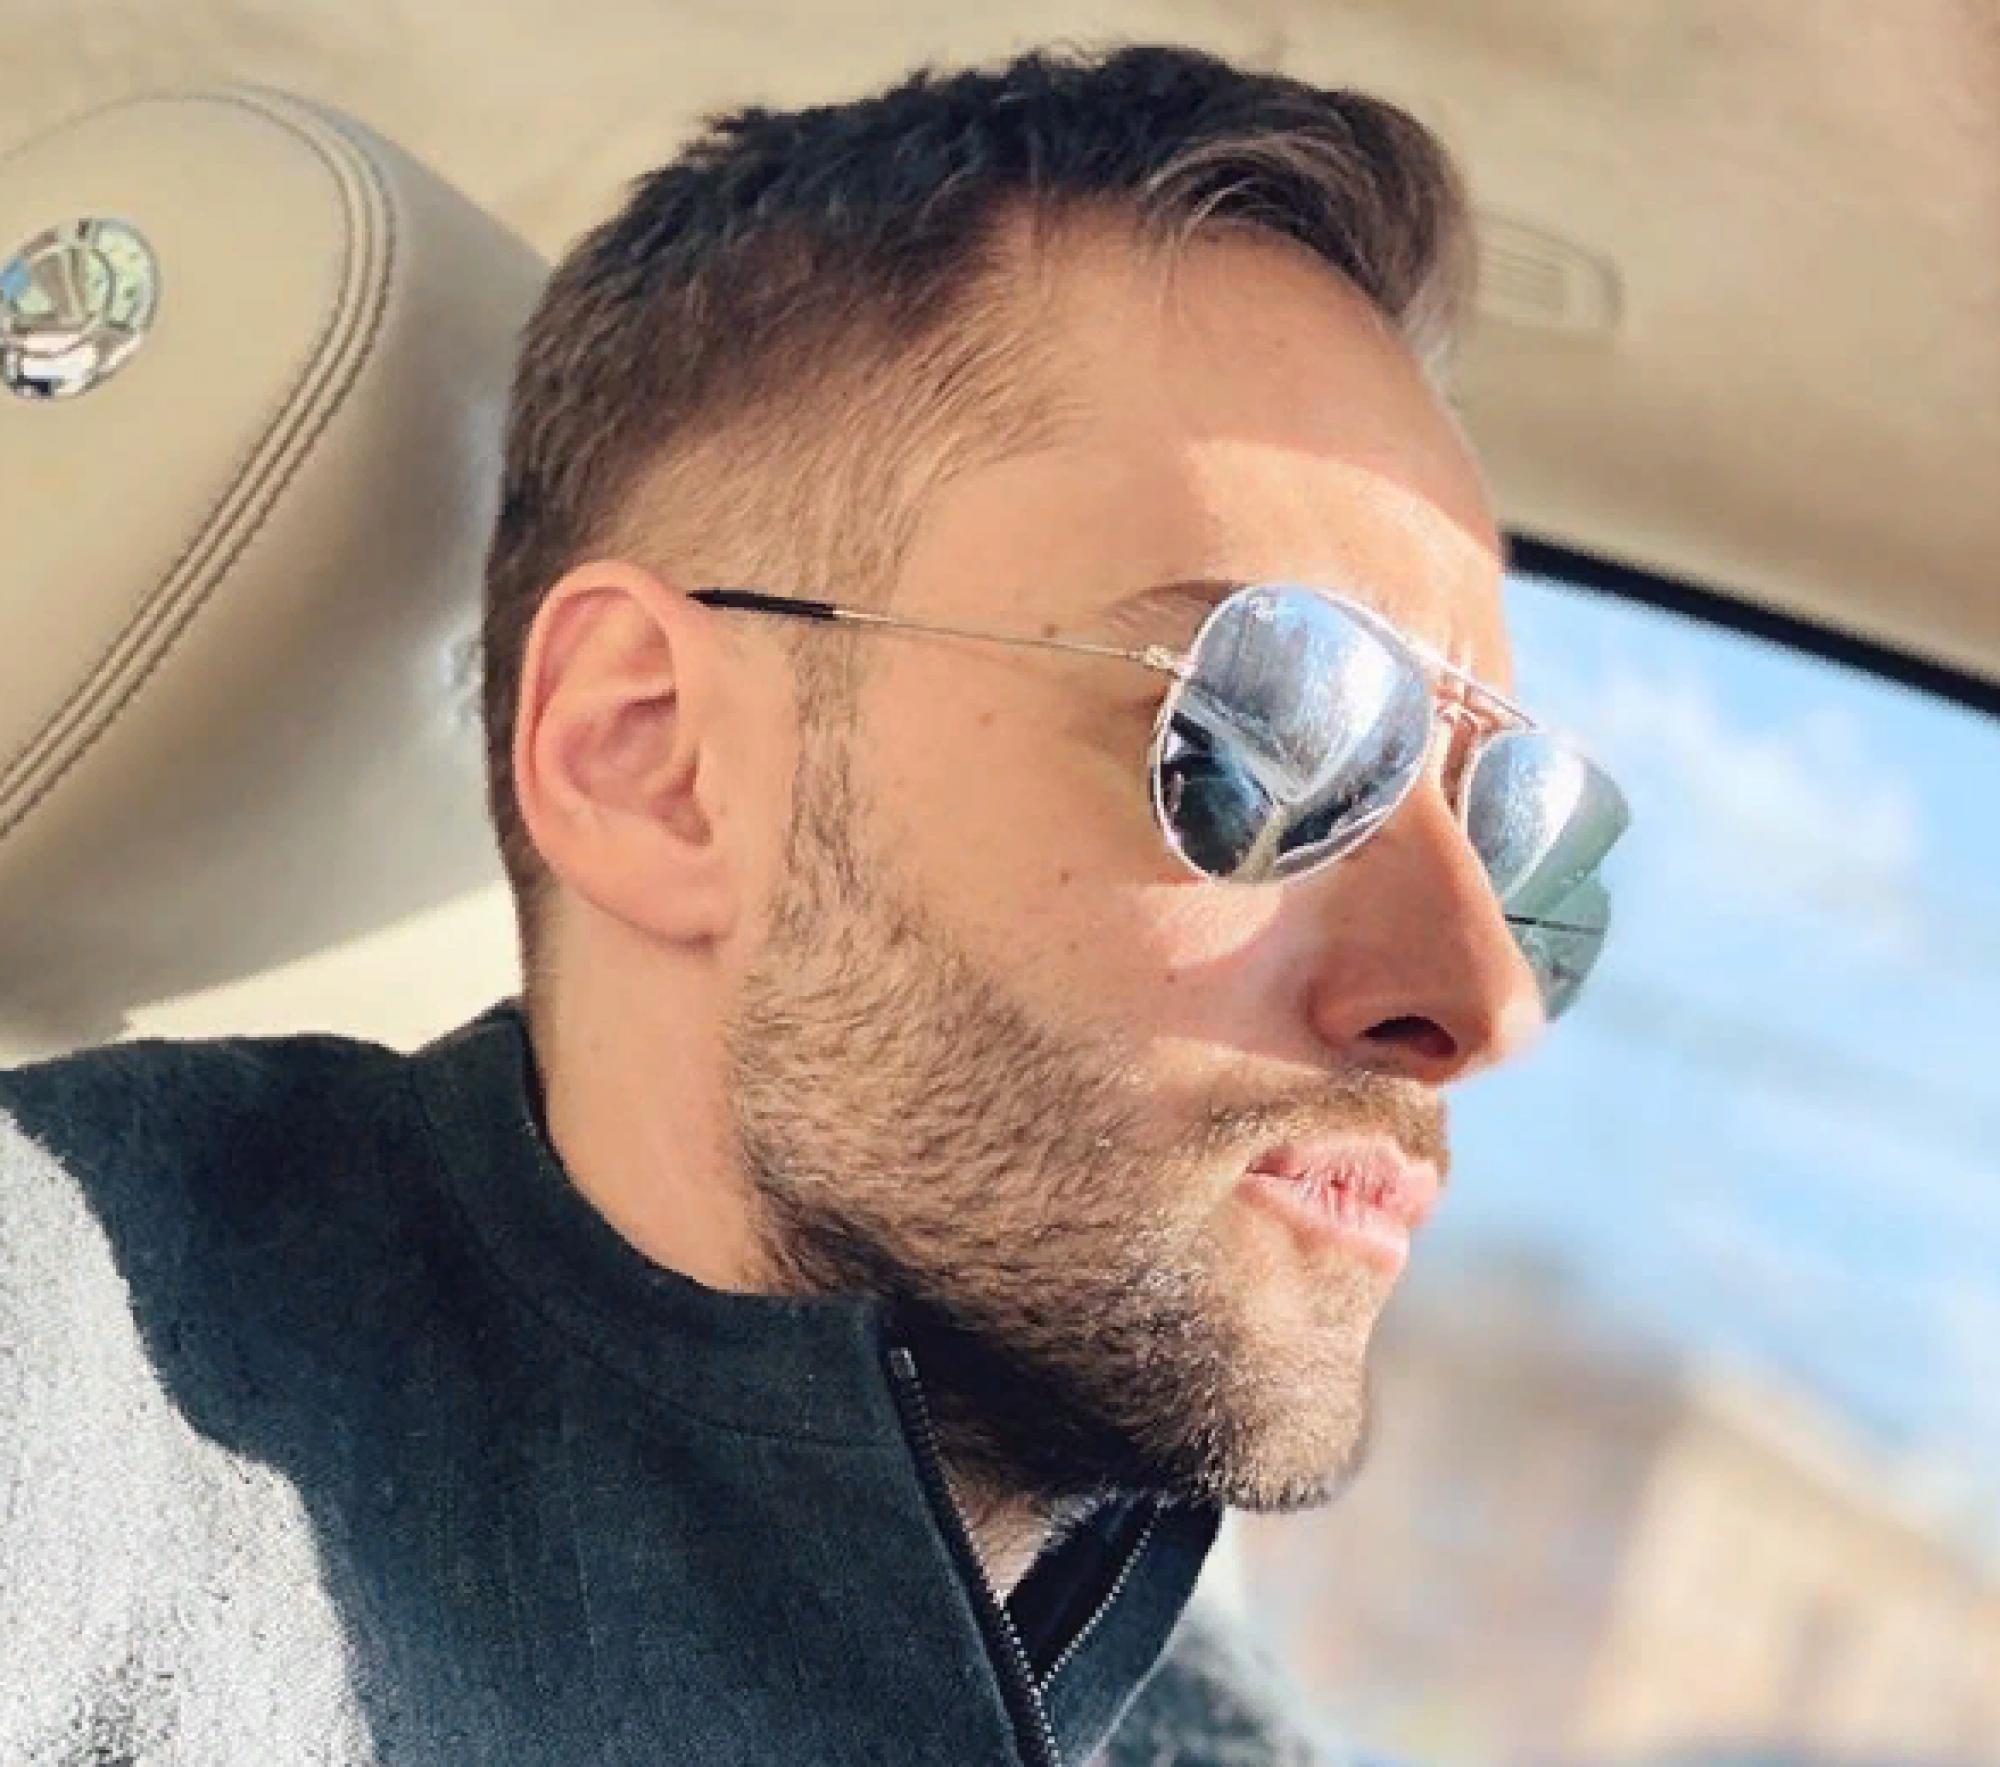 Дмитрий Шепелев снова «засветился» на Первом канале (видео)